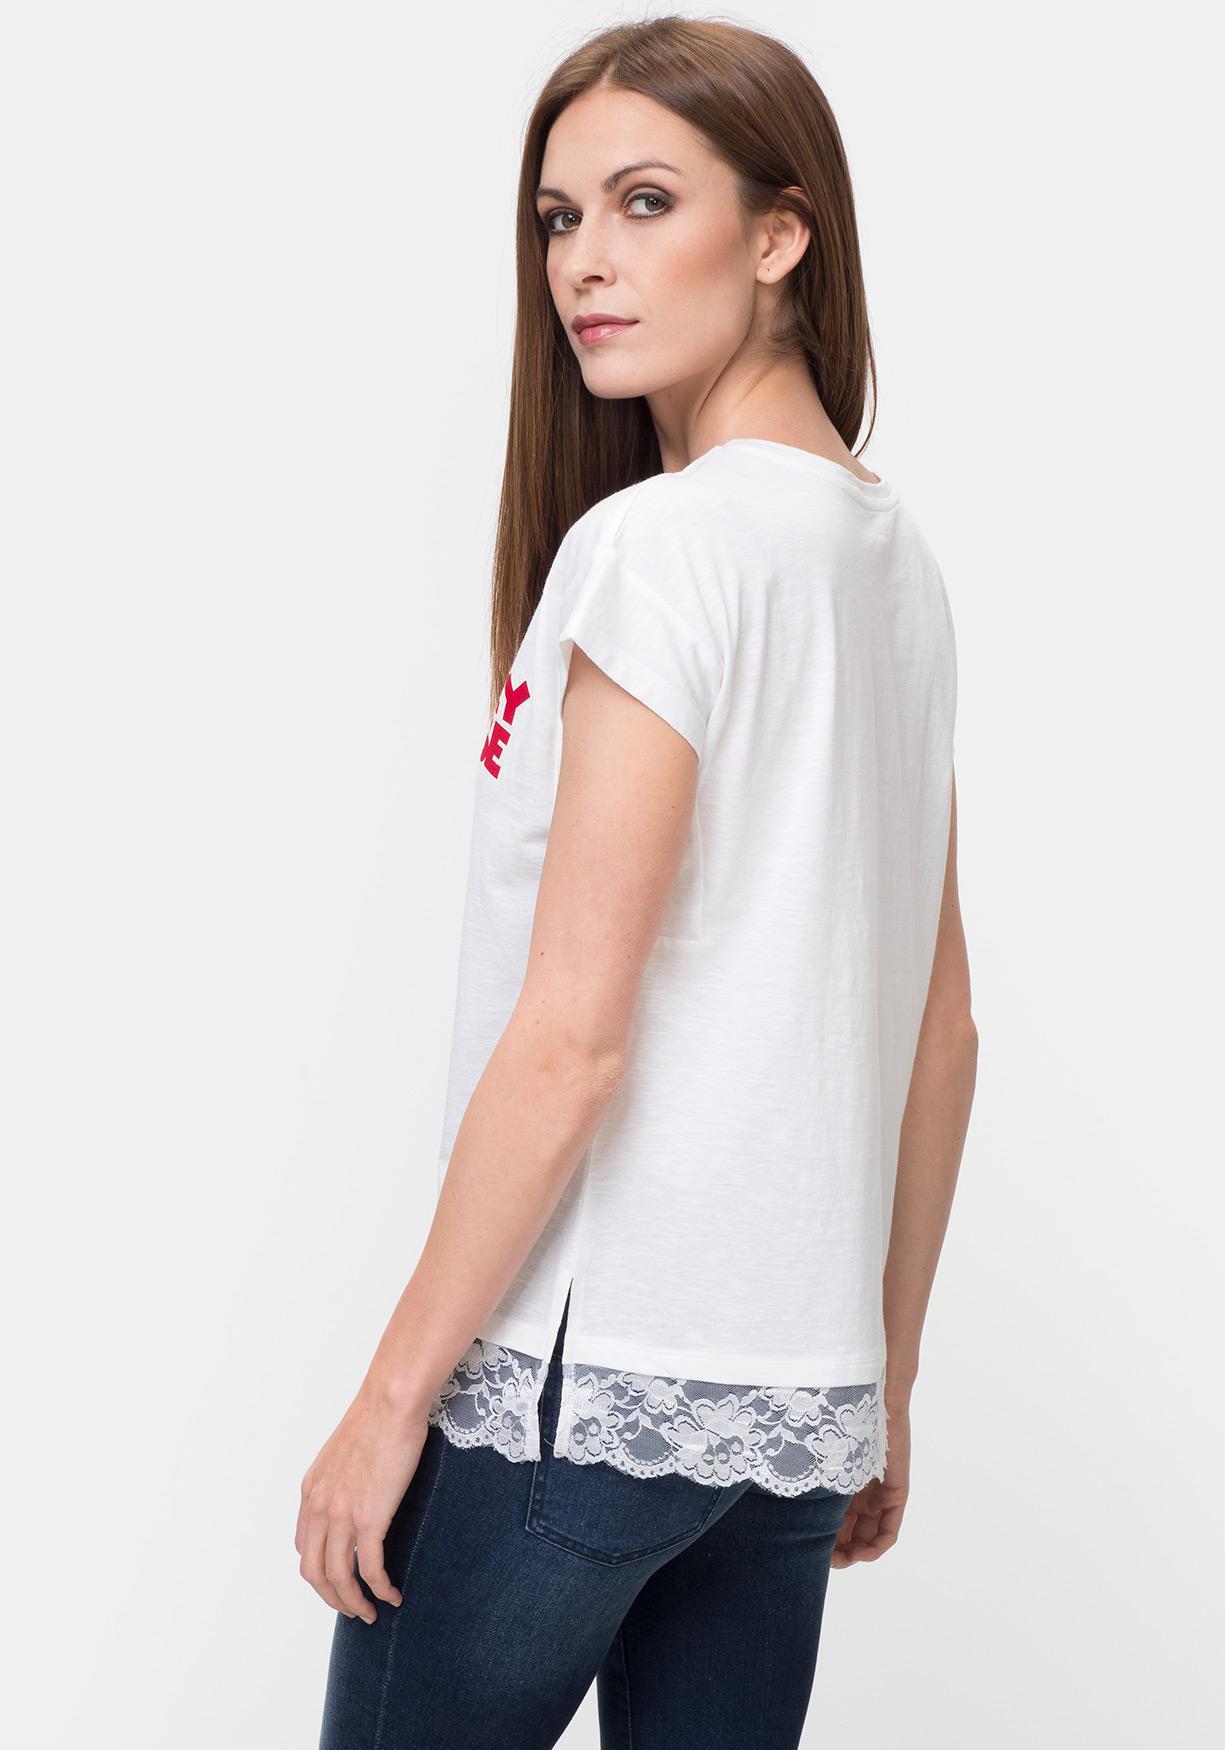 DISNEY ¡Aprovéchate estampado Comprar con de nuestros Camiseta wqa6z6t